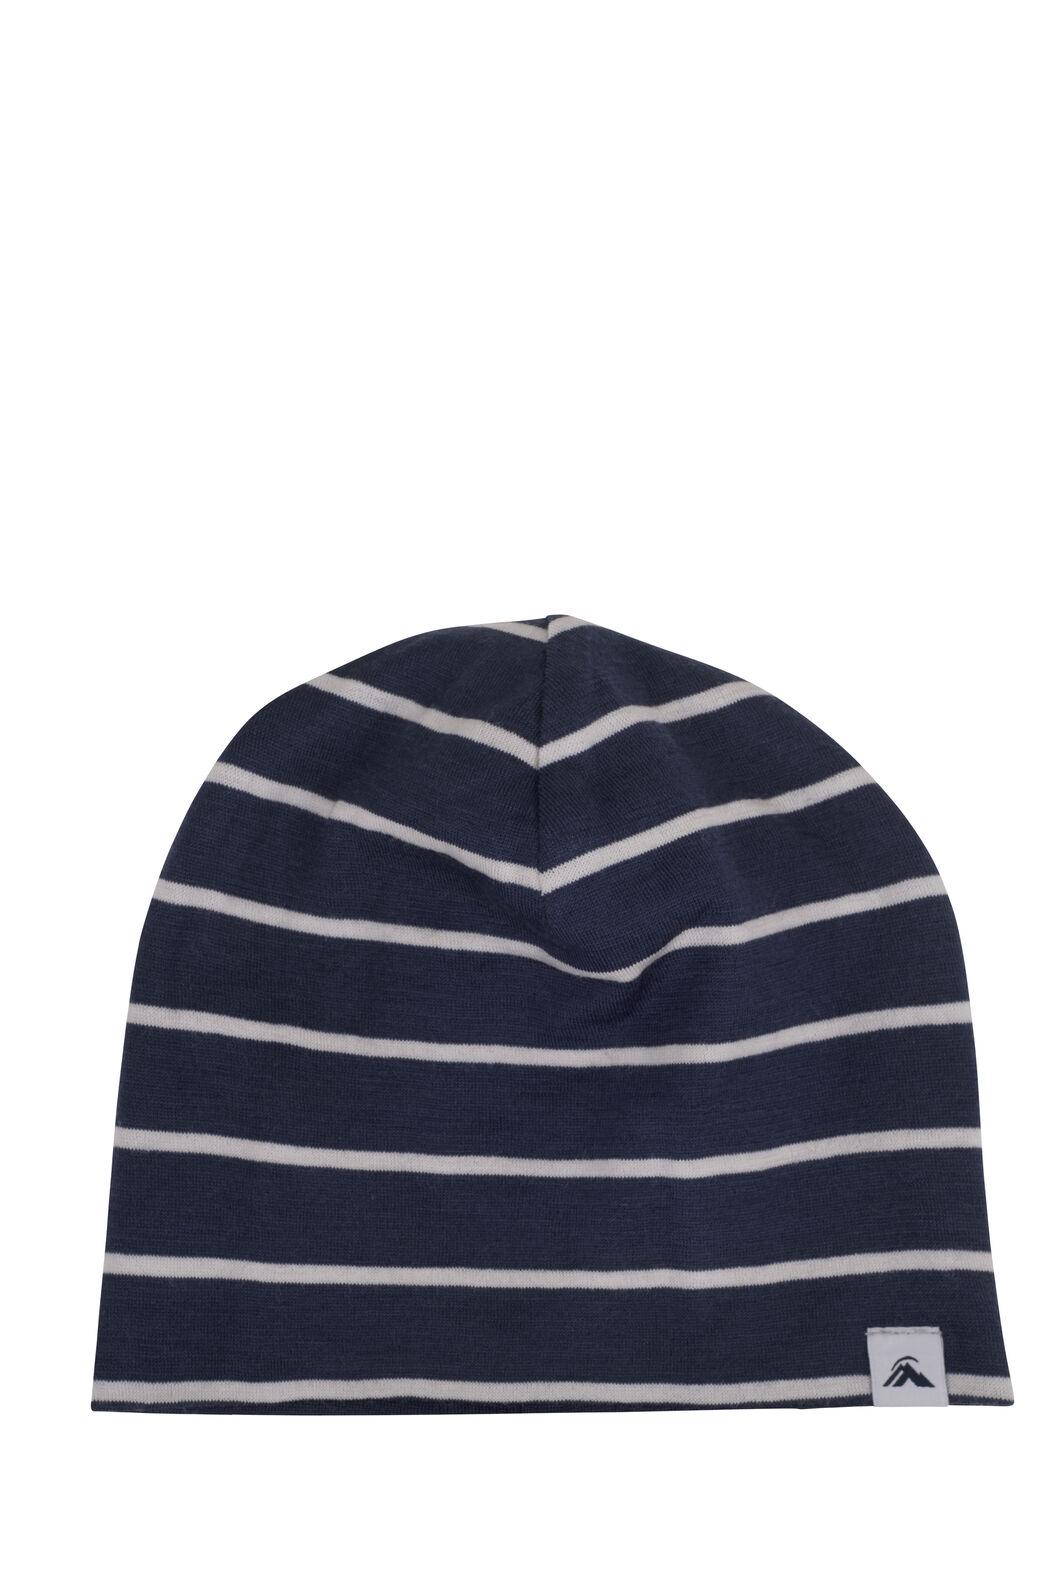 Macpac Merino 150 Beanie - Baby, Navy Stripe, hi-res